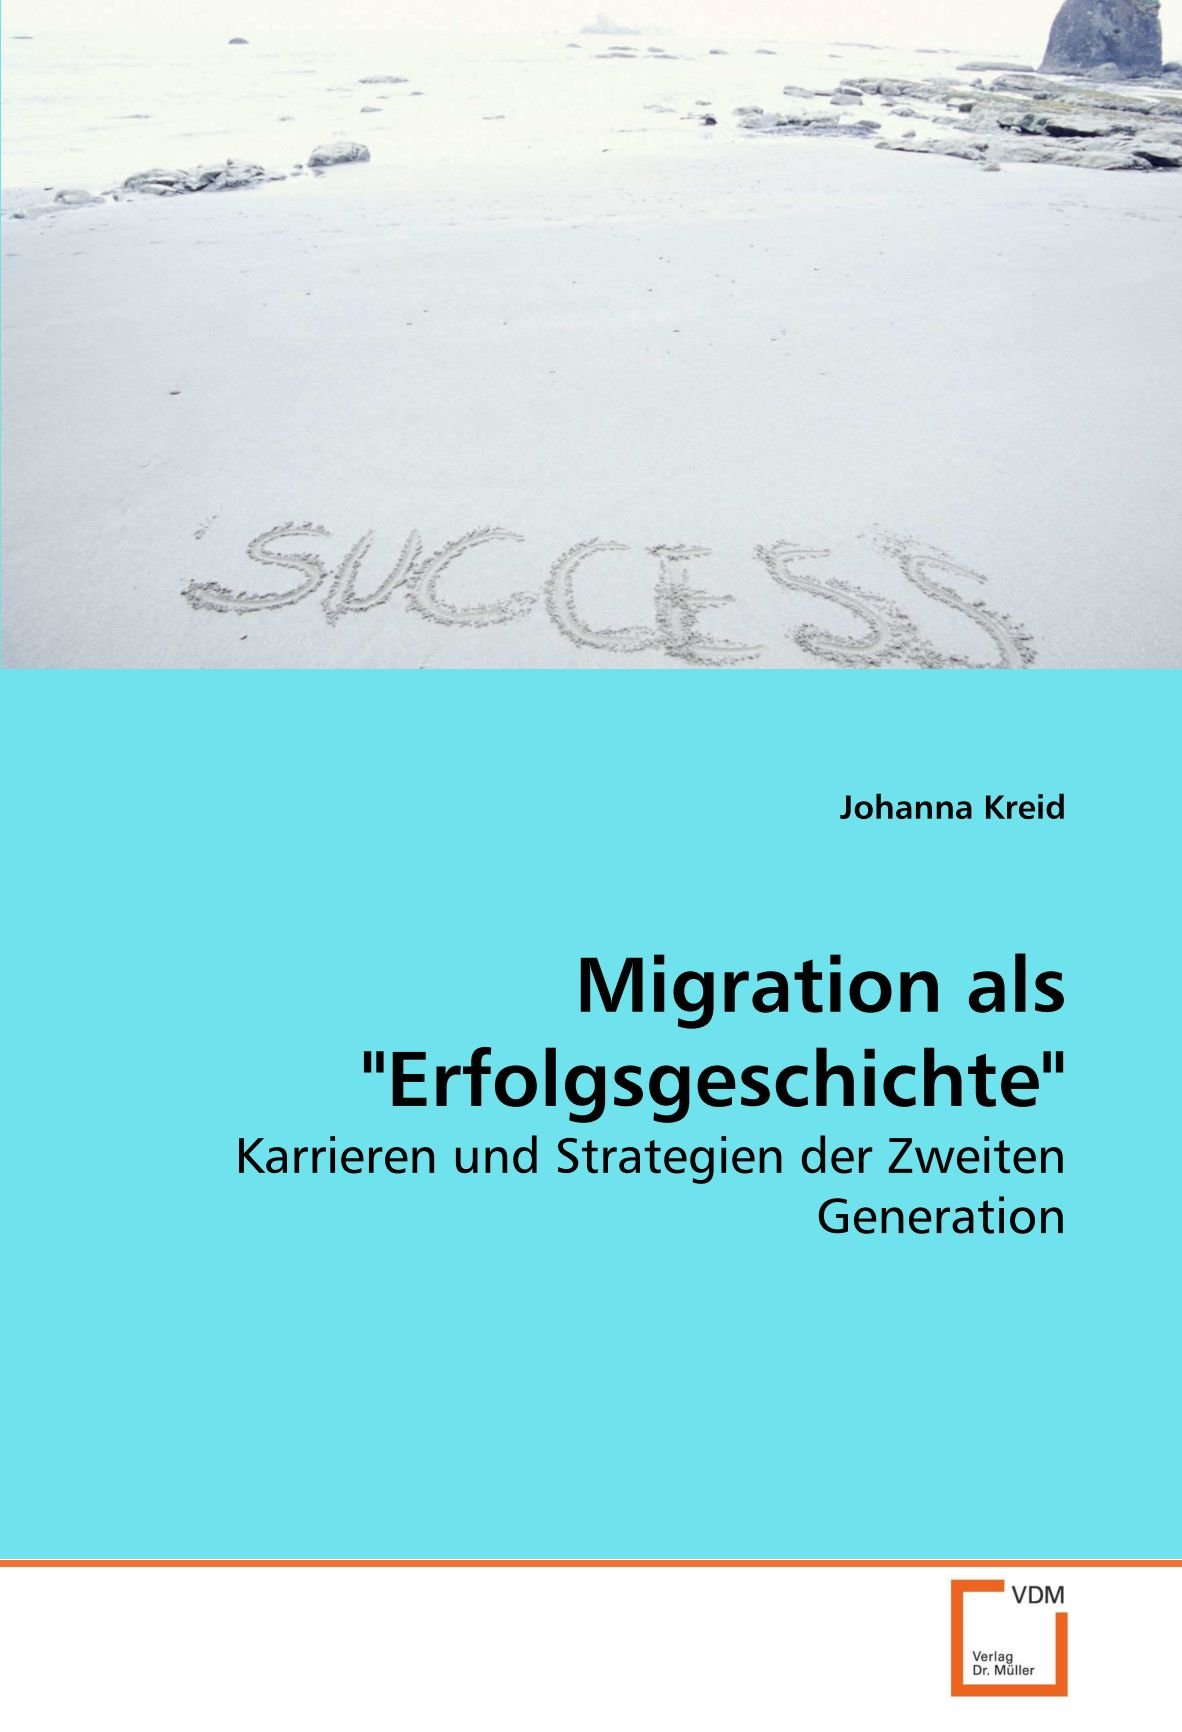 migration-als-erfolgsgeschichte-karrieren-und-strategien-der-zweiten-generation